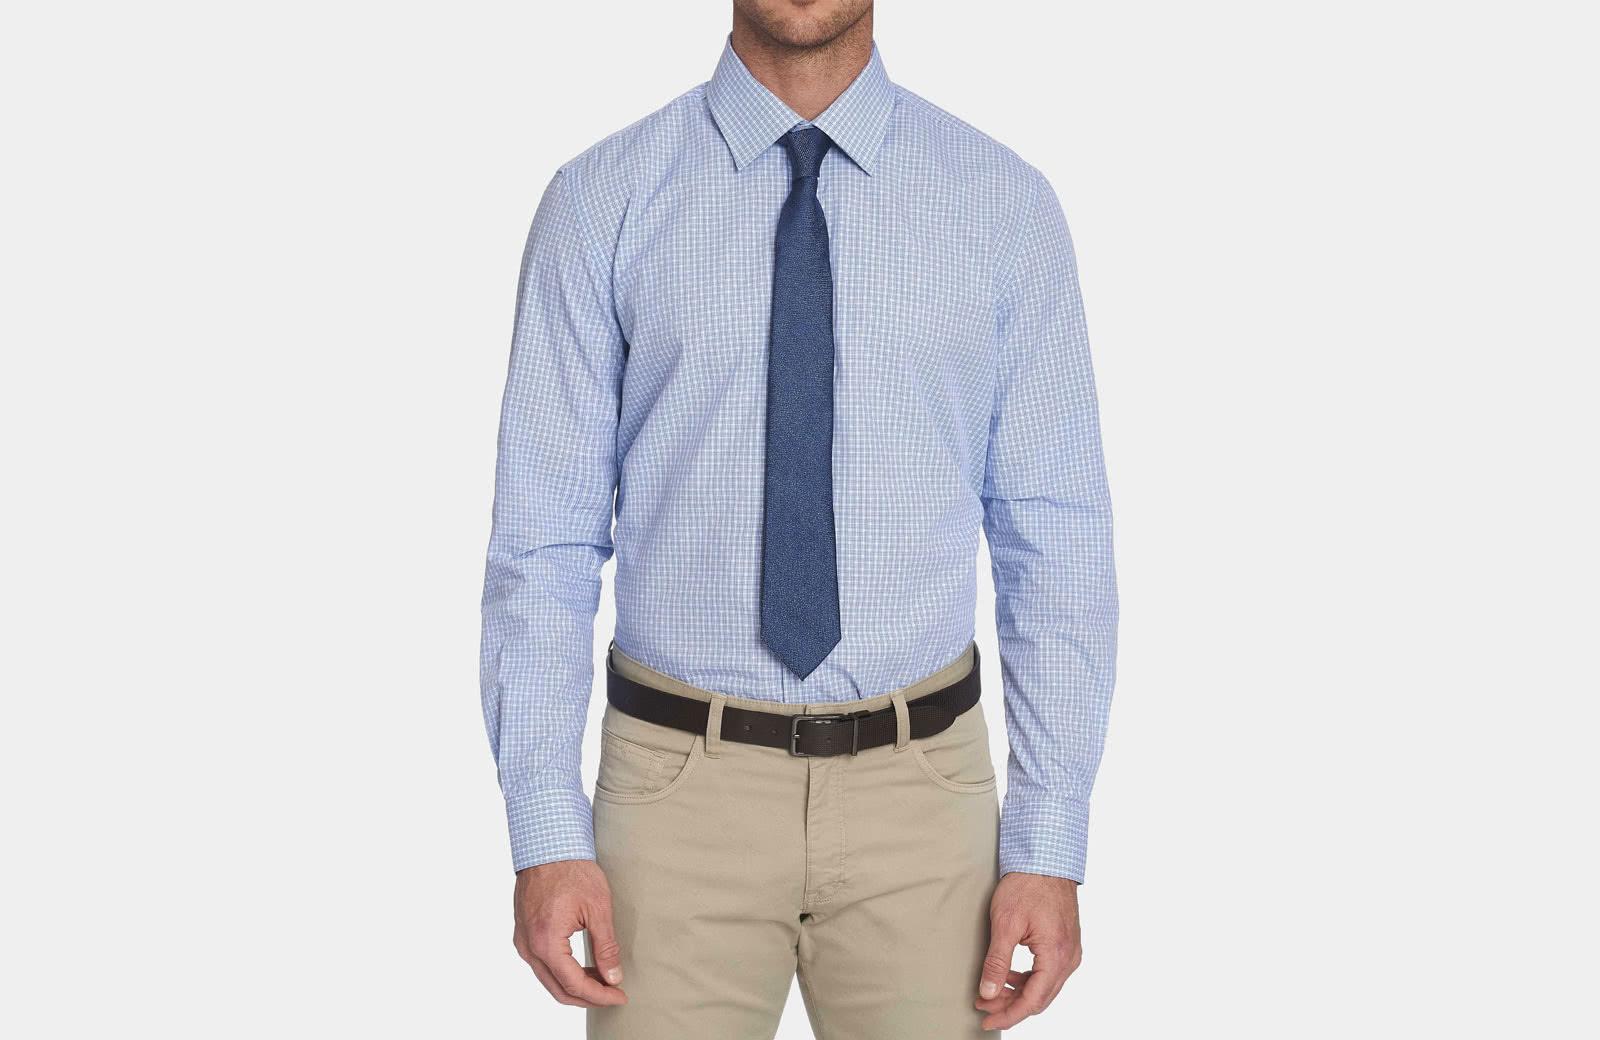 Robert Graham best men summer dress shirt blue check - Luxe Digital